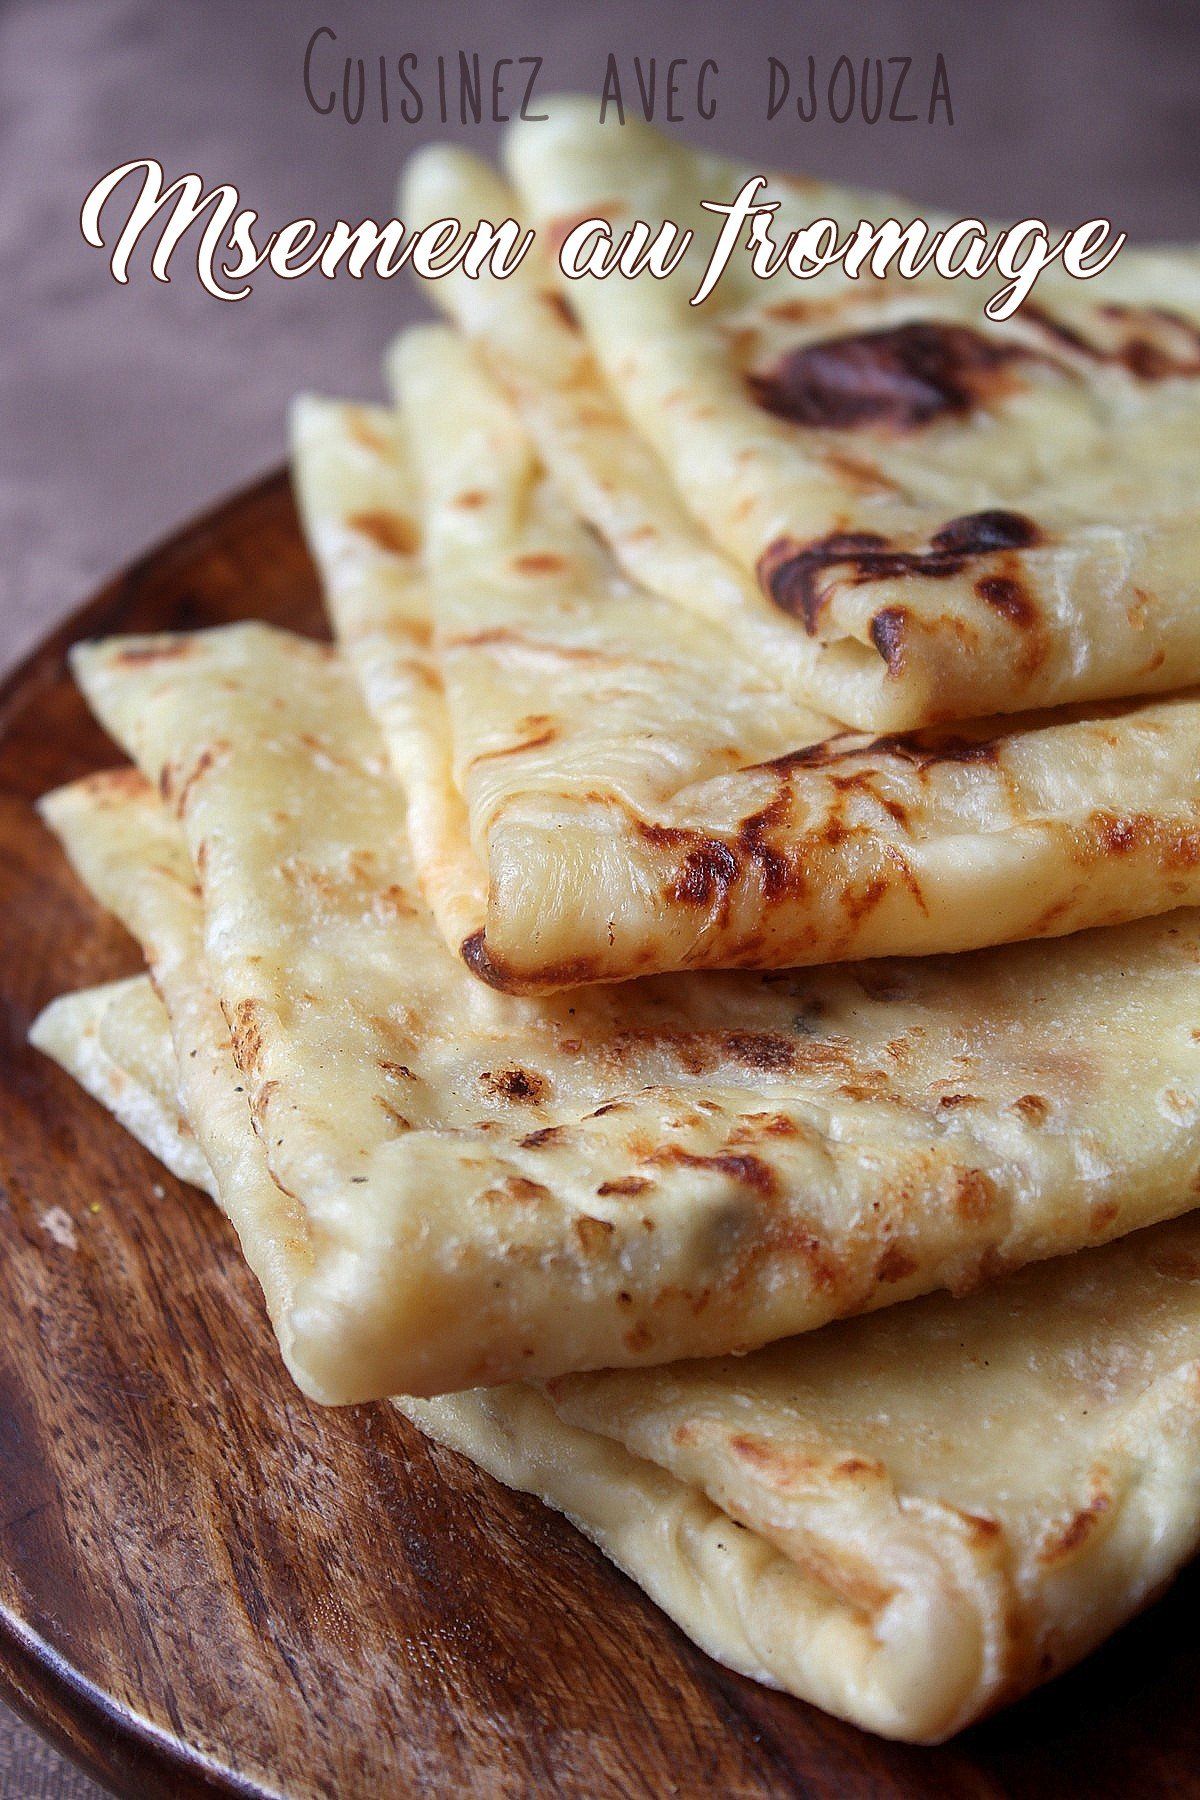 Crêpes rondes msemen au fromage